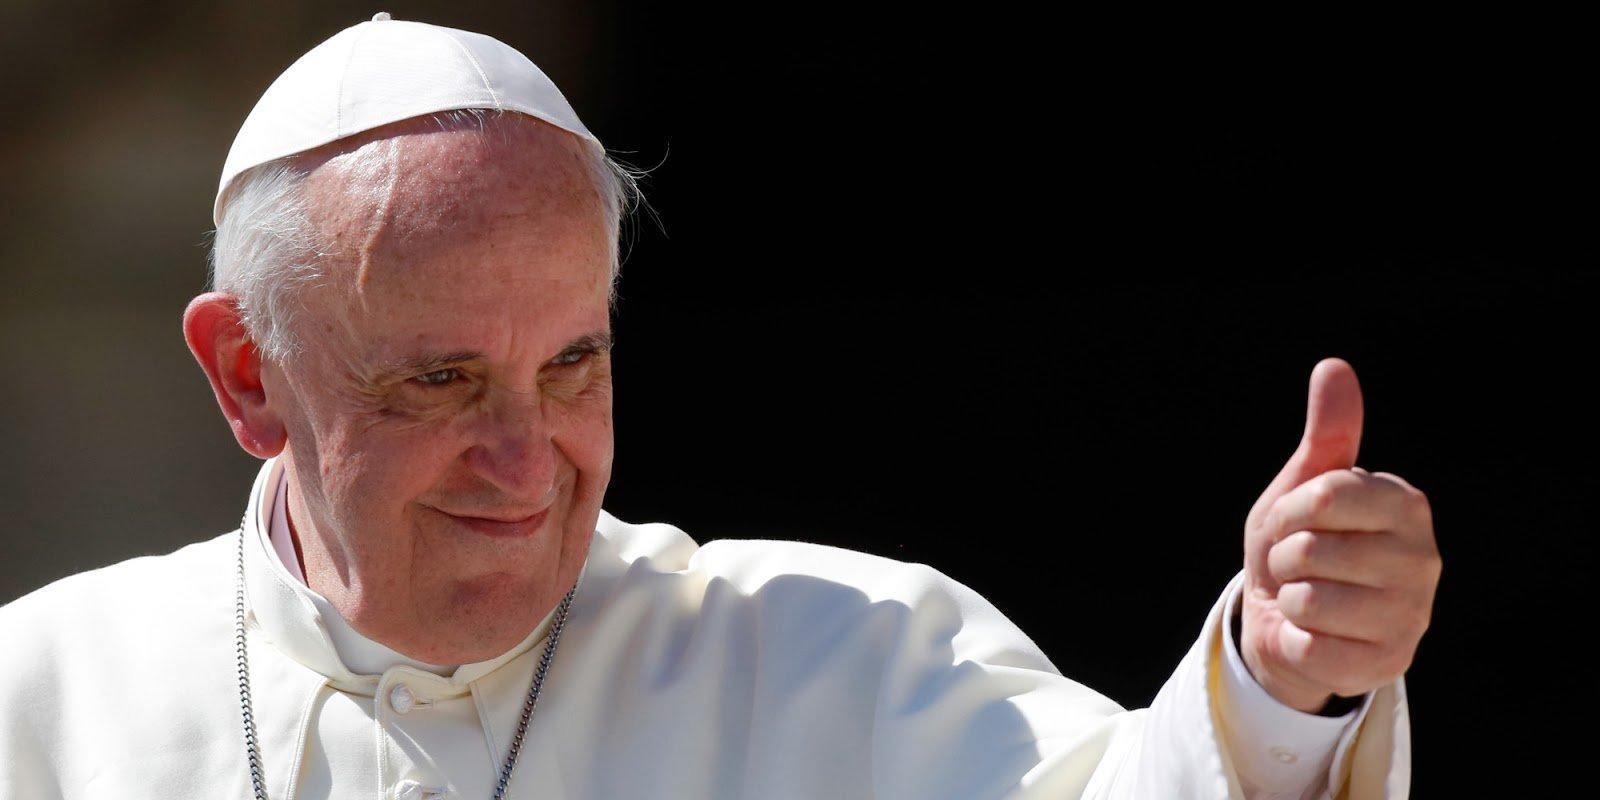 Papa anima al foro de Cochabamba a tener en cuenta a las personas